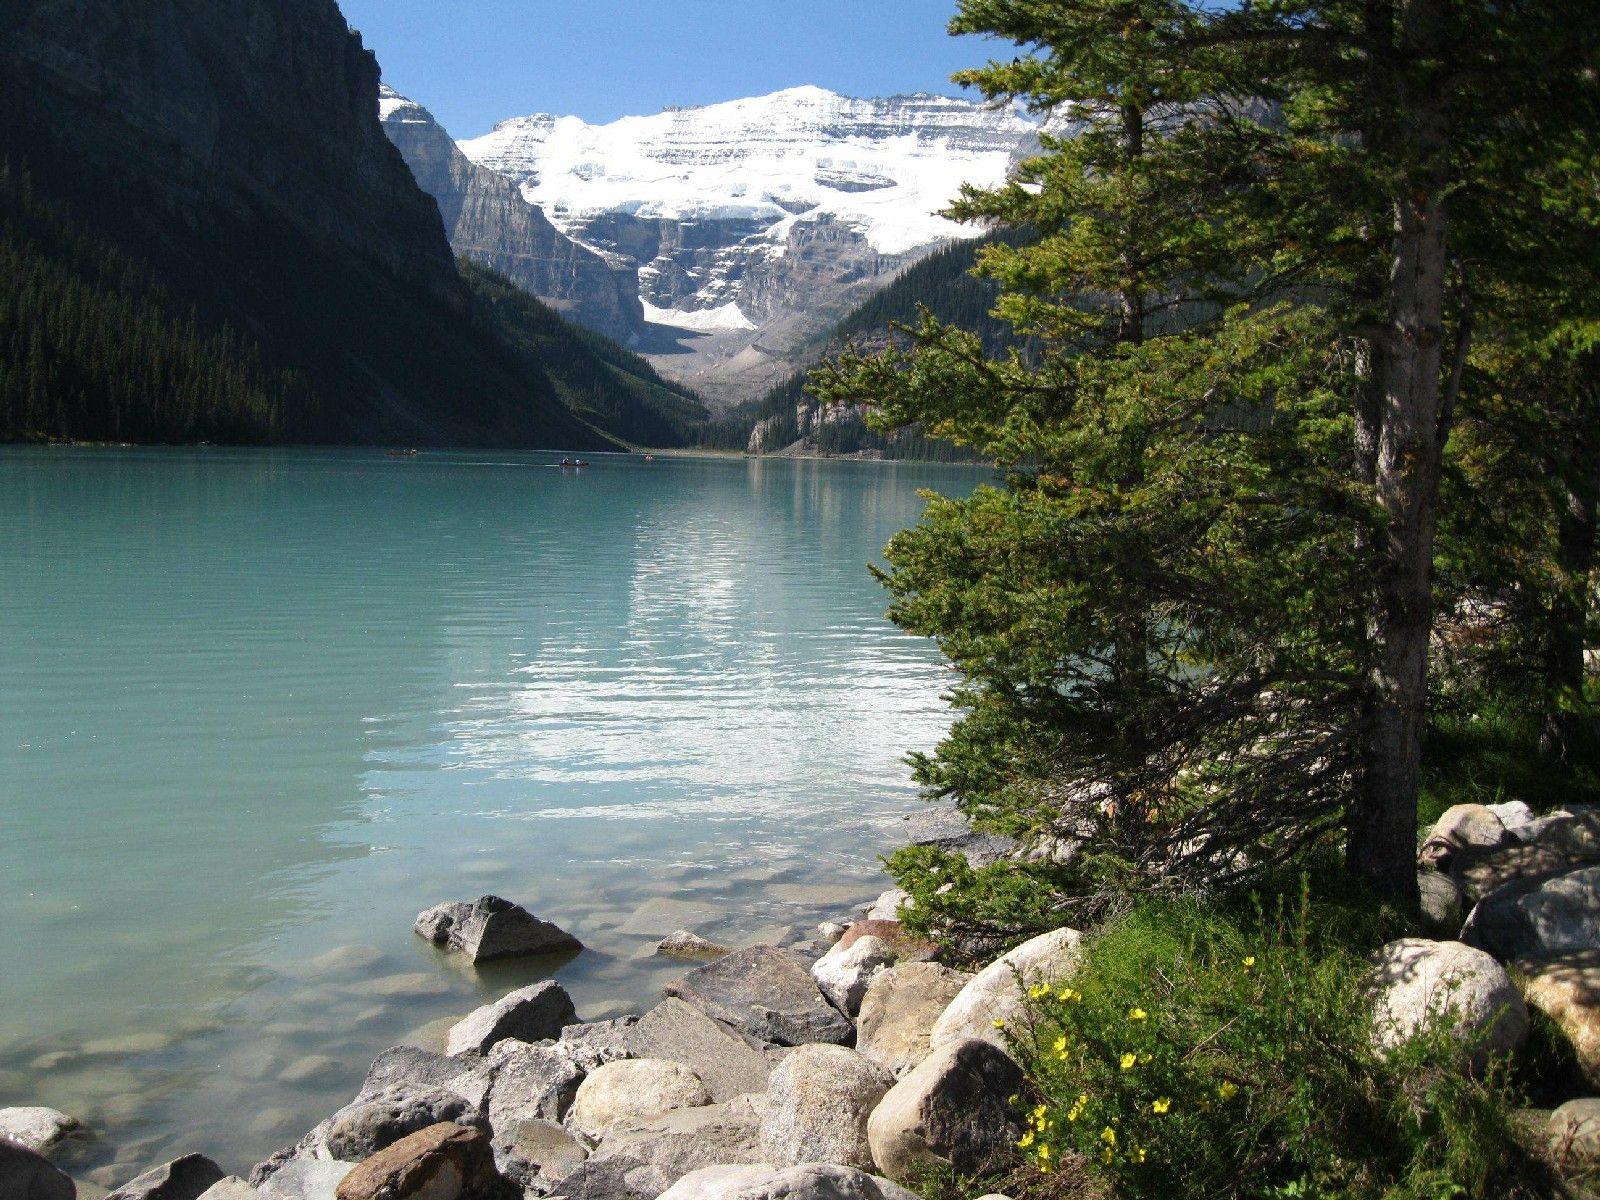 感恩回饋》冬戀洛磯山脈.露易絲湖城堡、白角山纜車、溫哥華8天